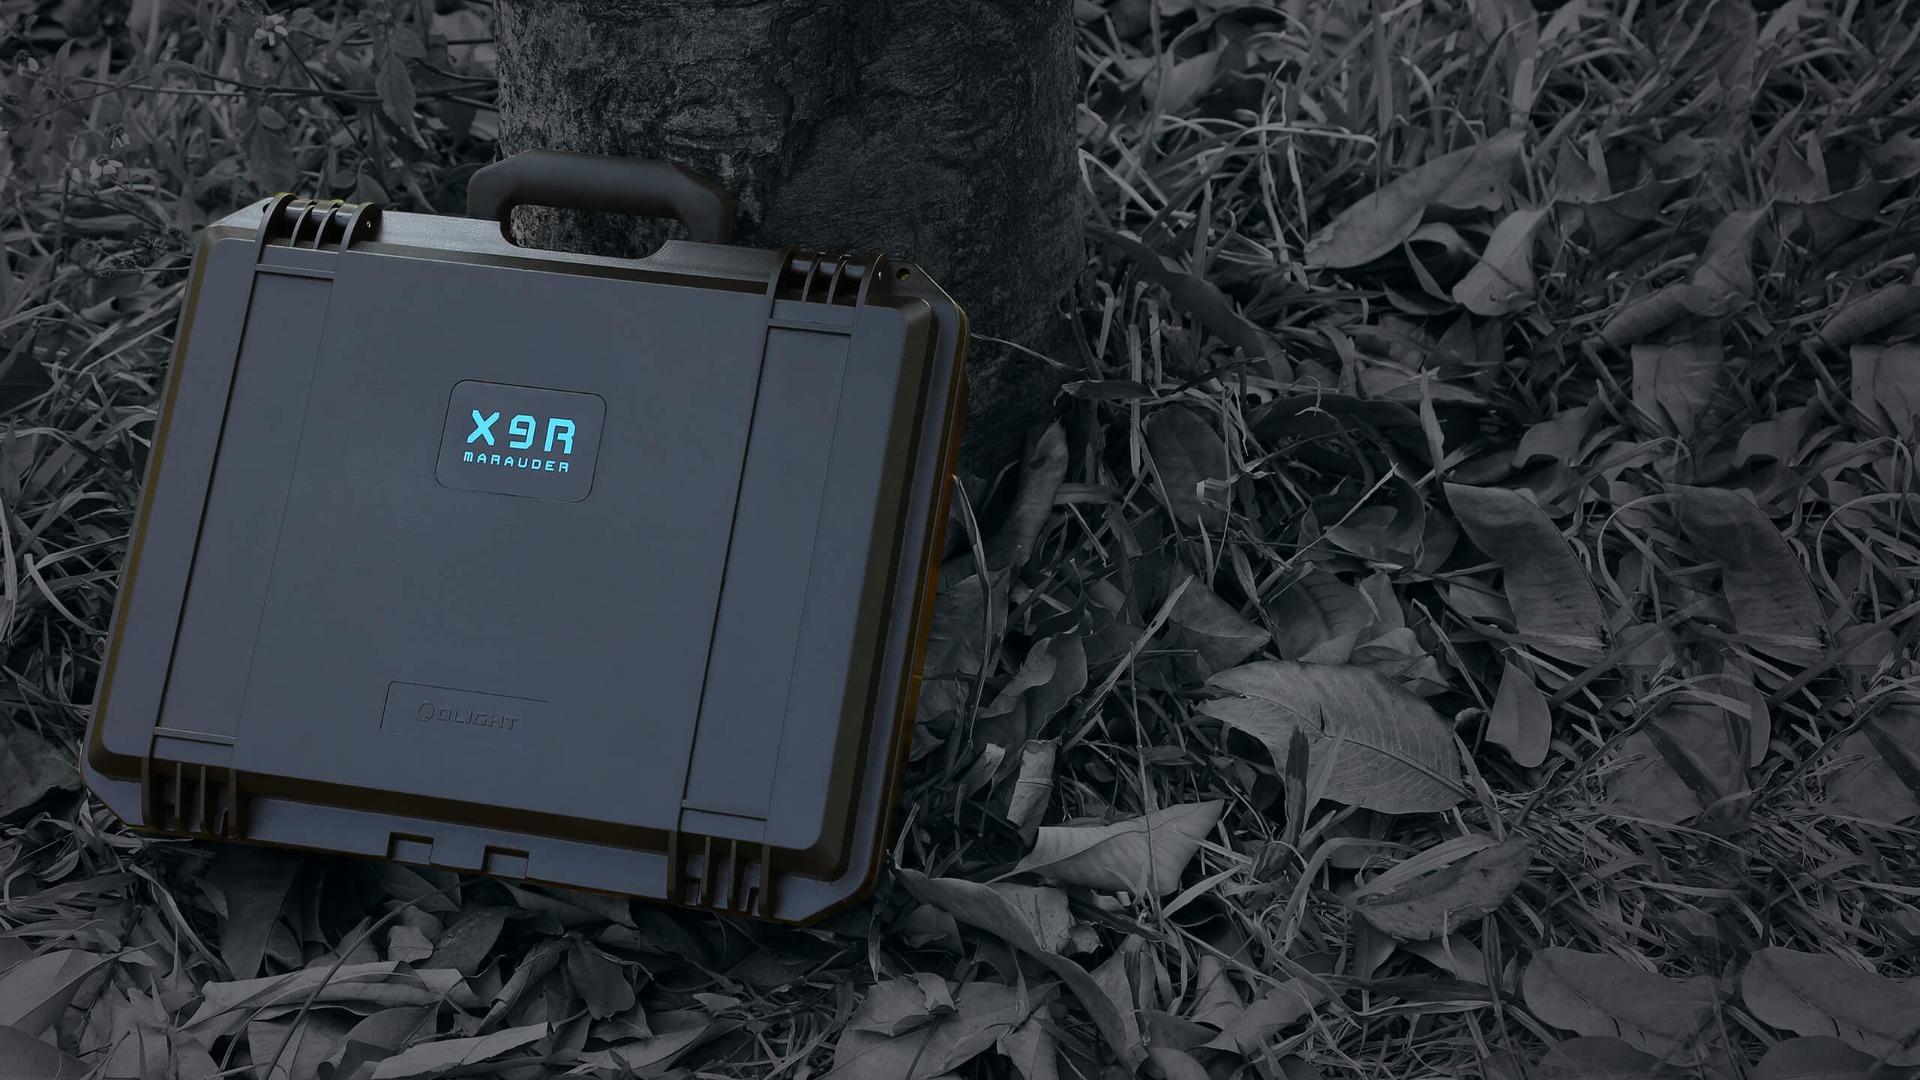 X9R Marauder Taschenlampe Tragekoffer